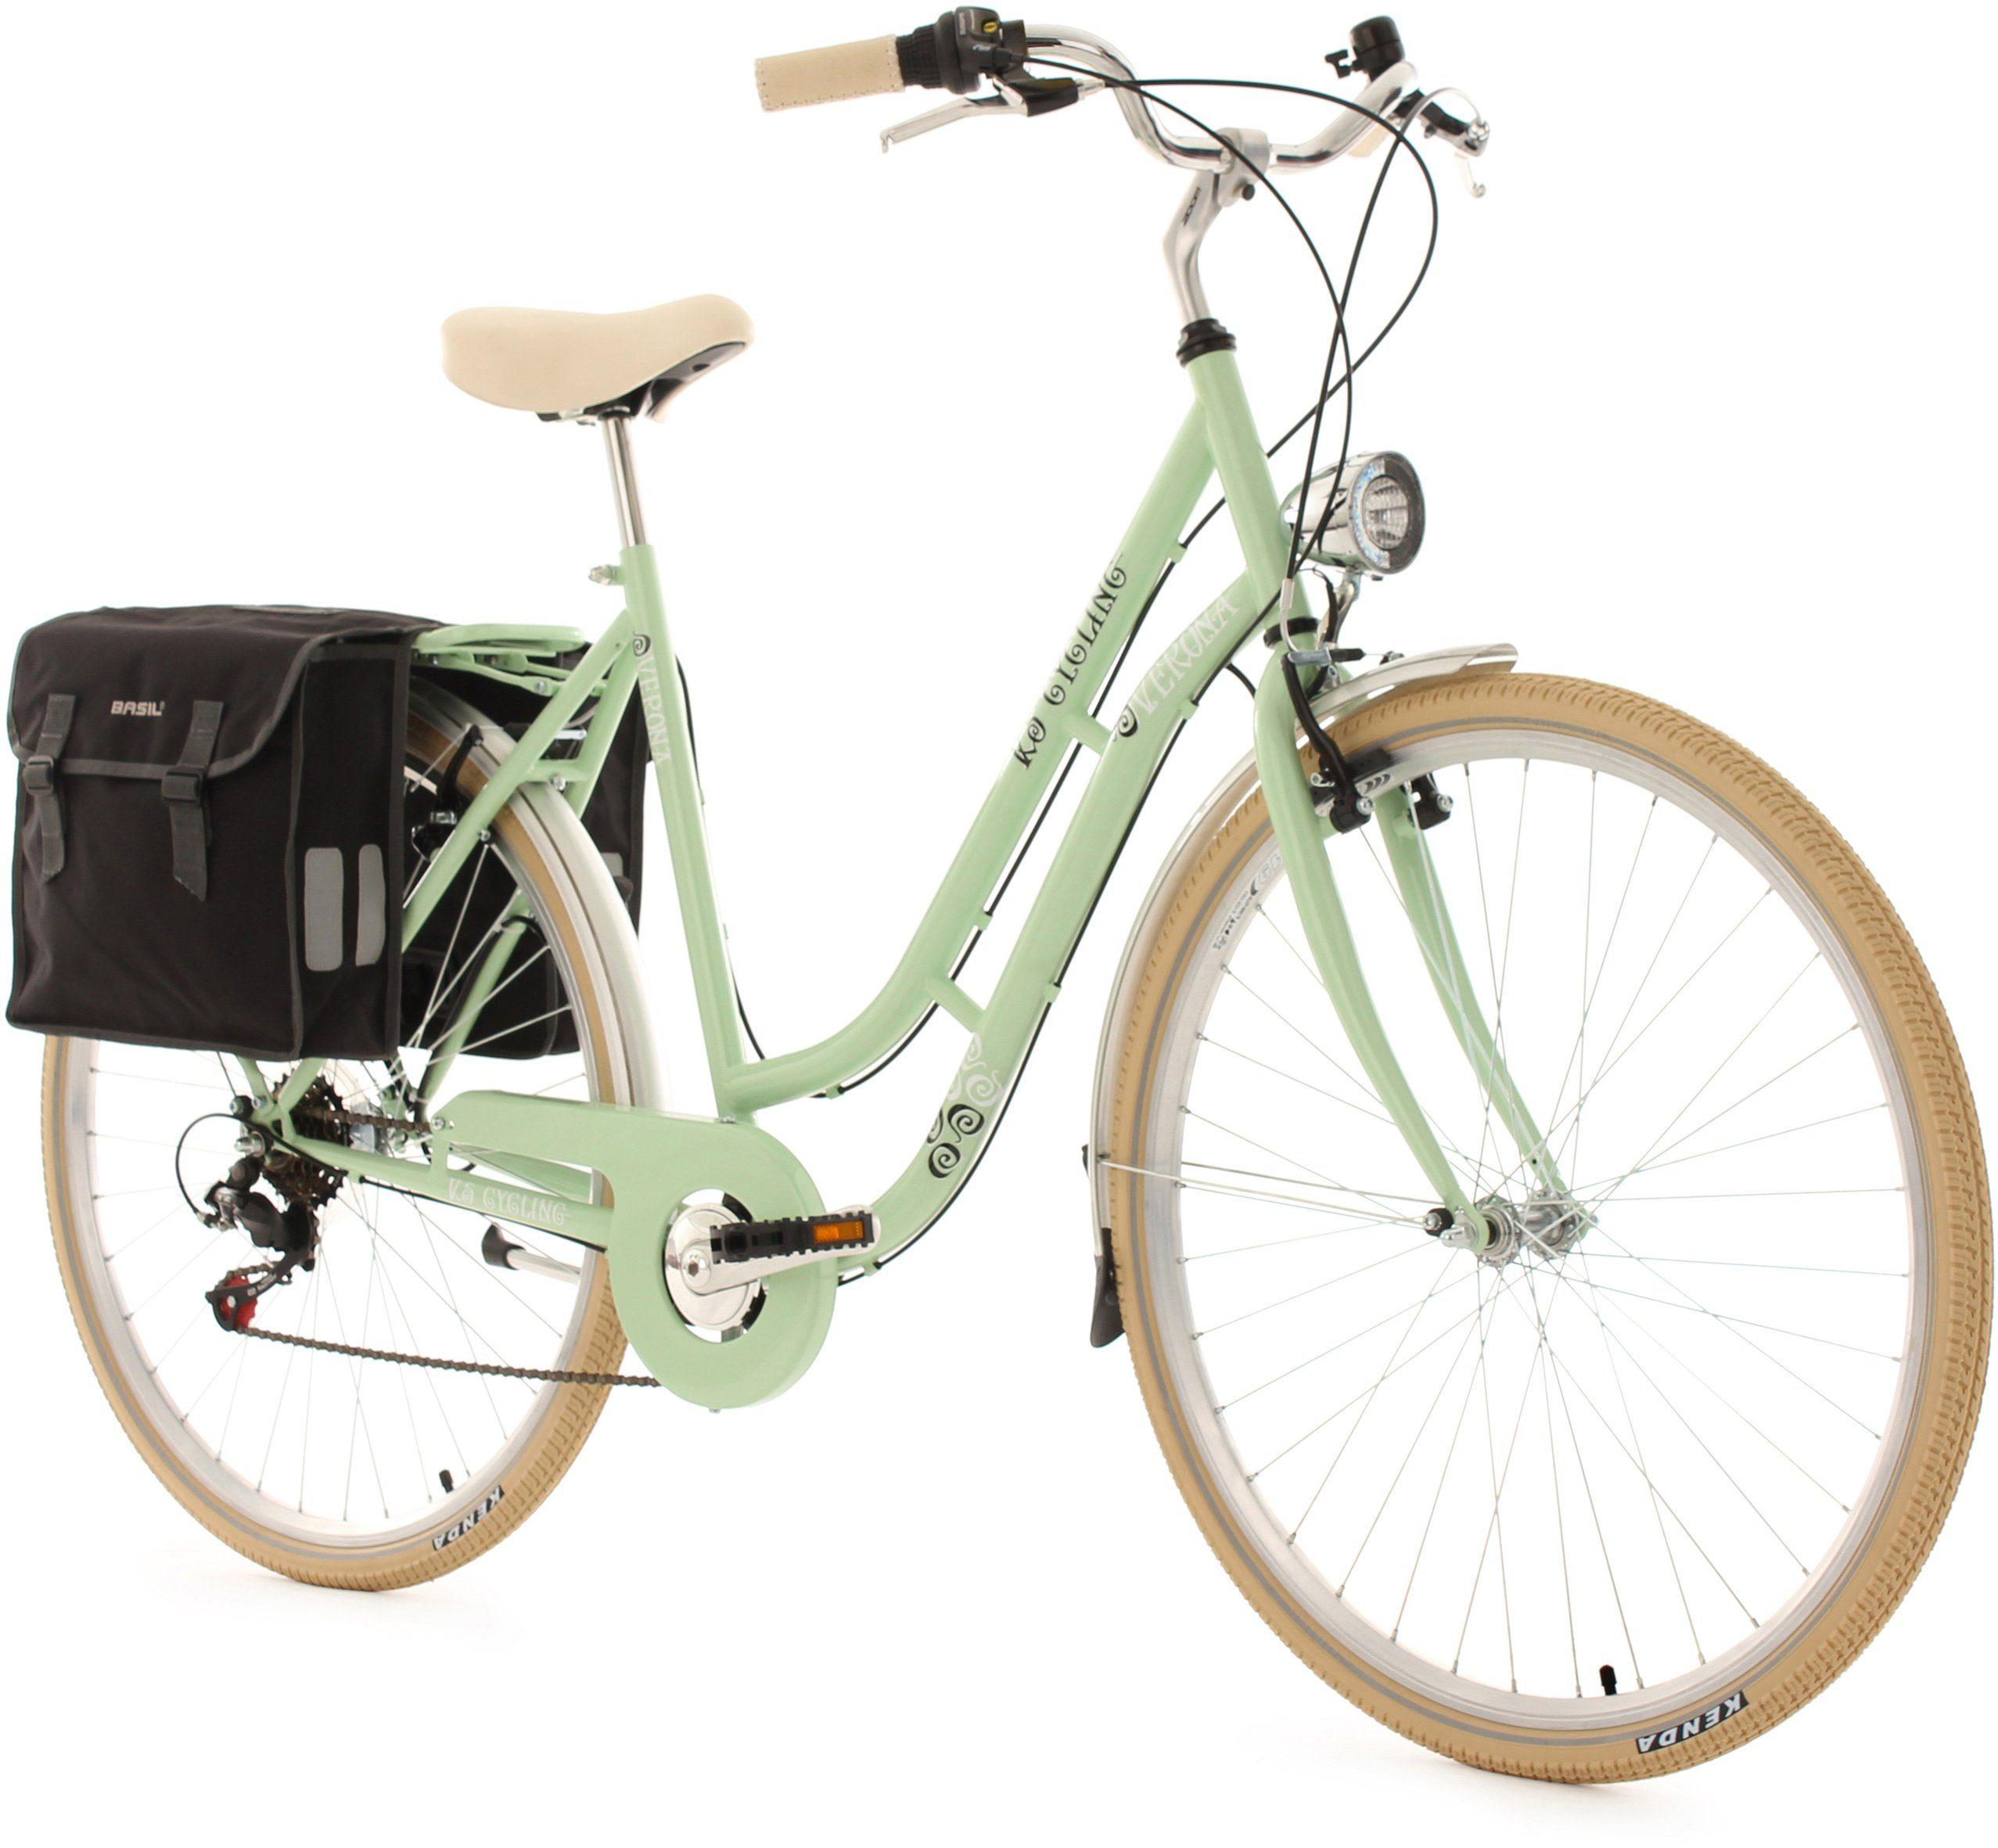 KS Cycling Damen-Cityrad, 28 Zoll, grün, 6 Gang Shimano Tourney inkl. Doppelpacktasche, »Verona«